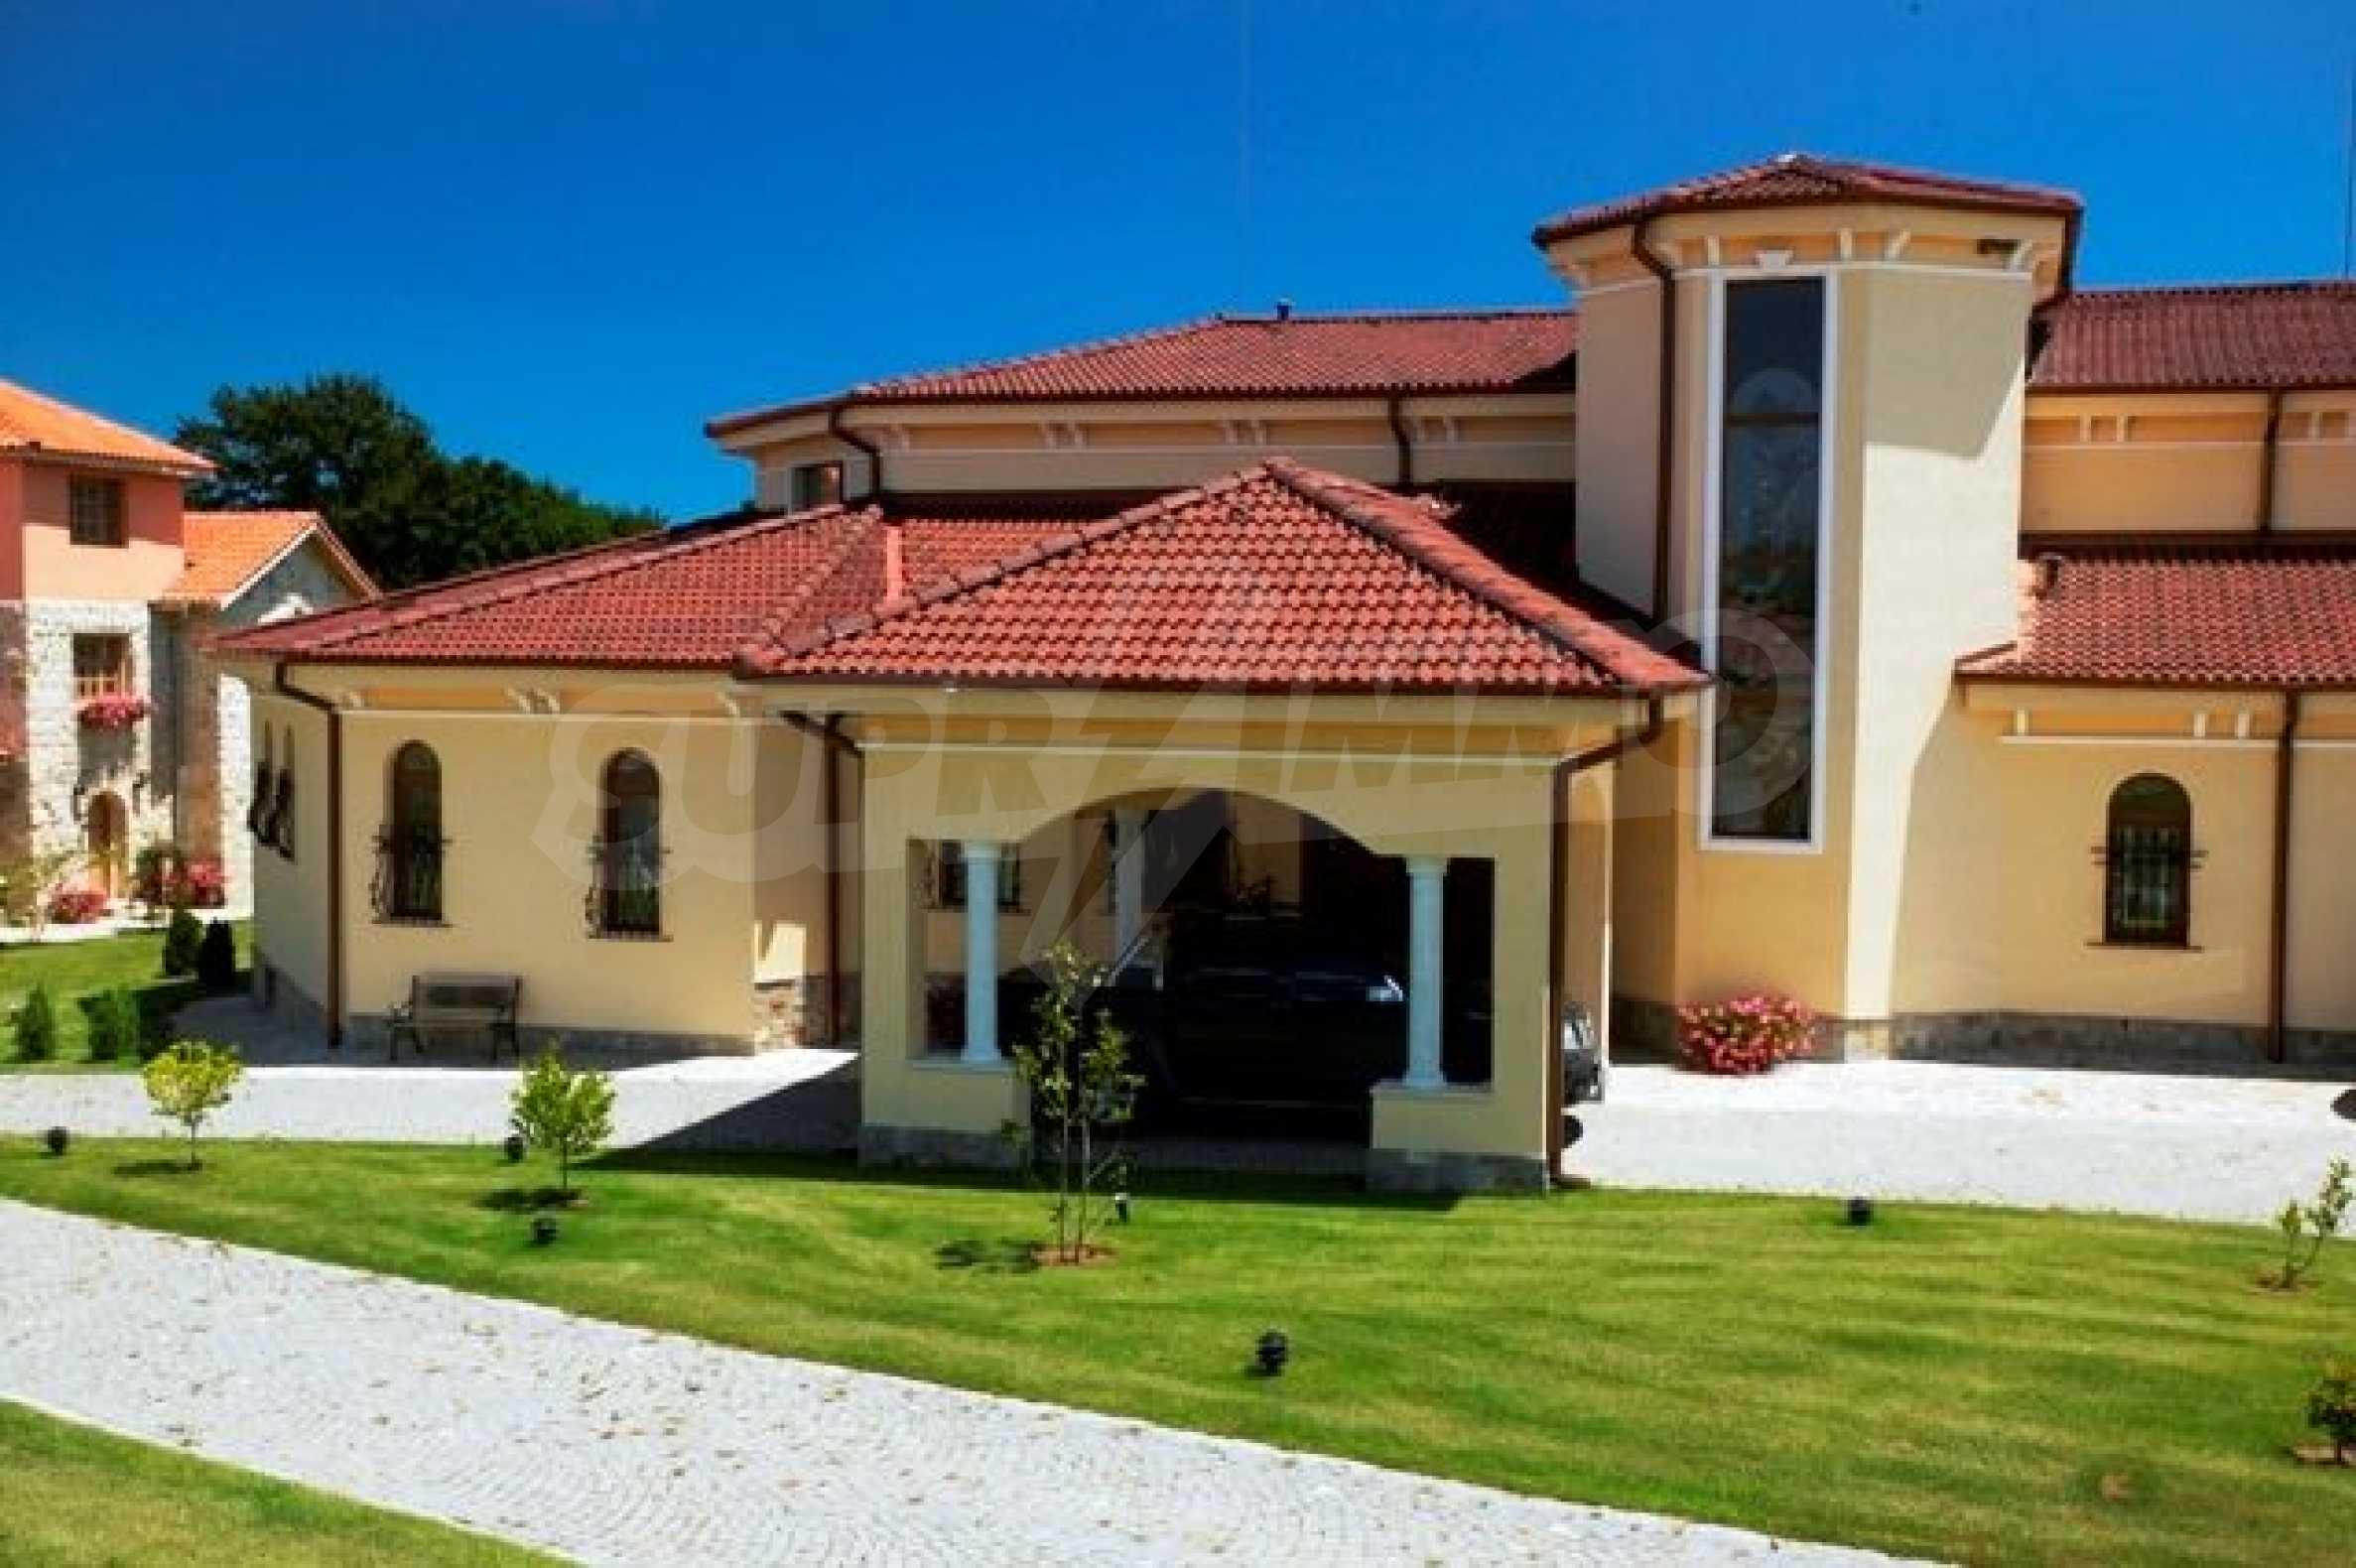 Великолепно имение с басейн и градина във френския стил прованс 9